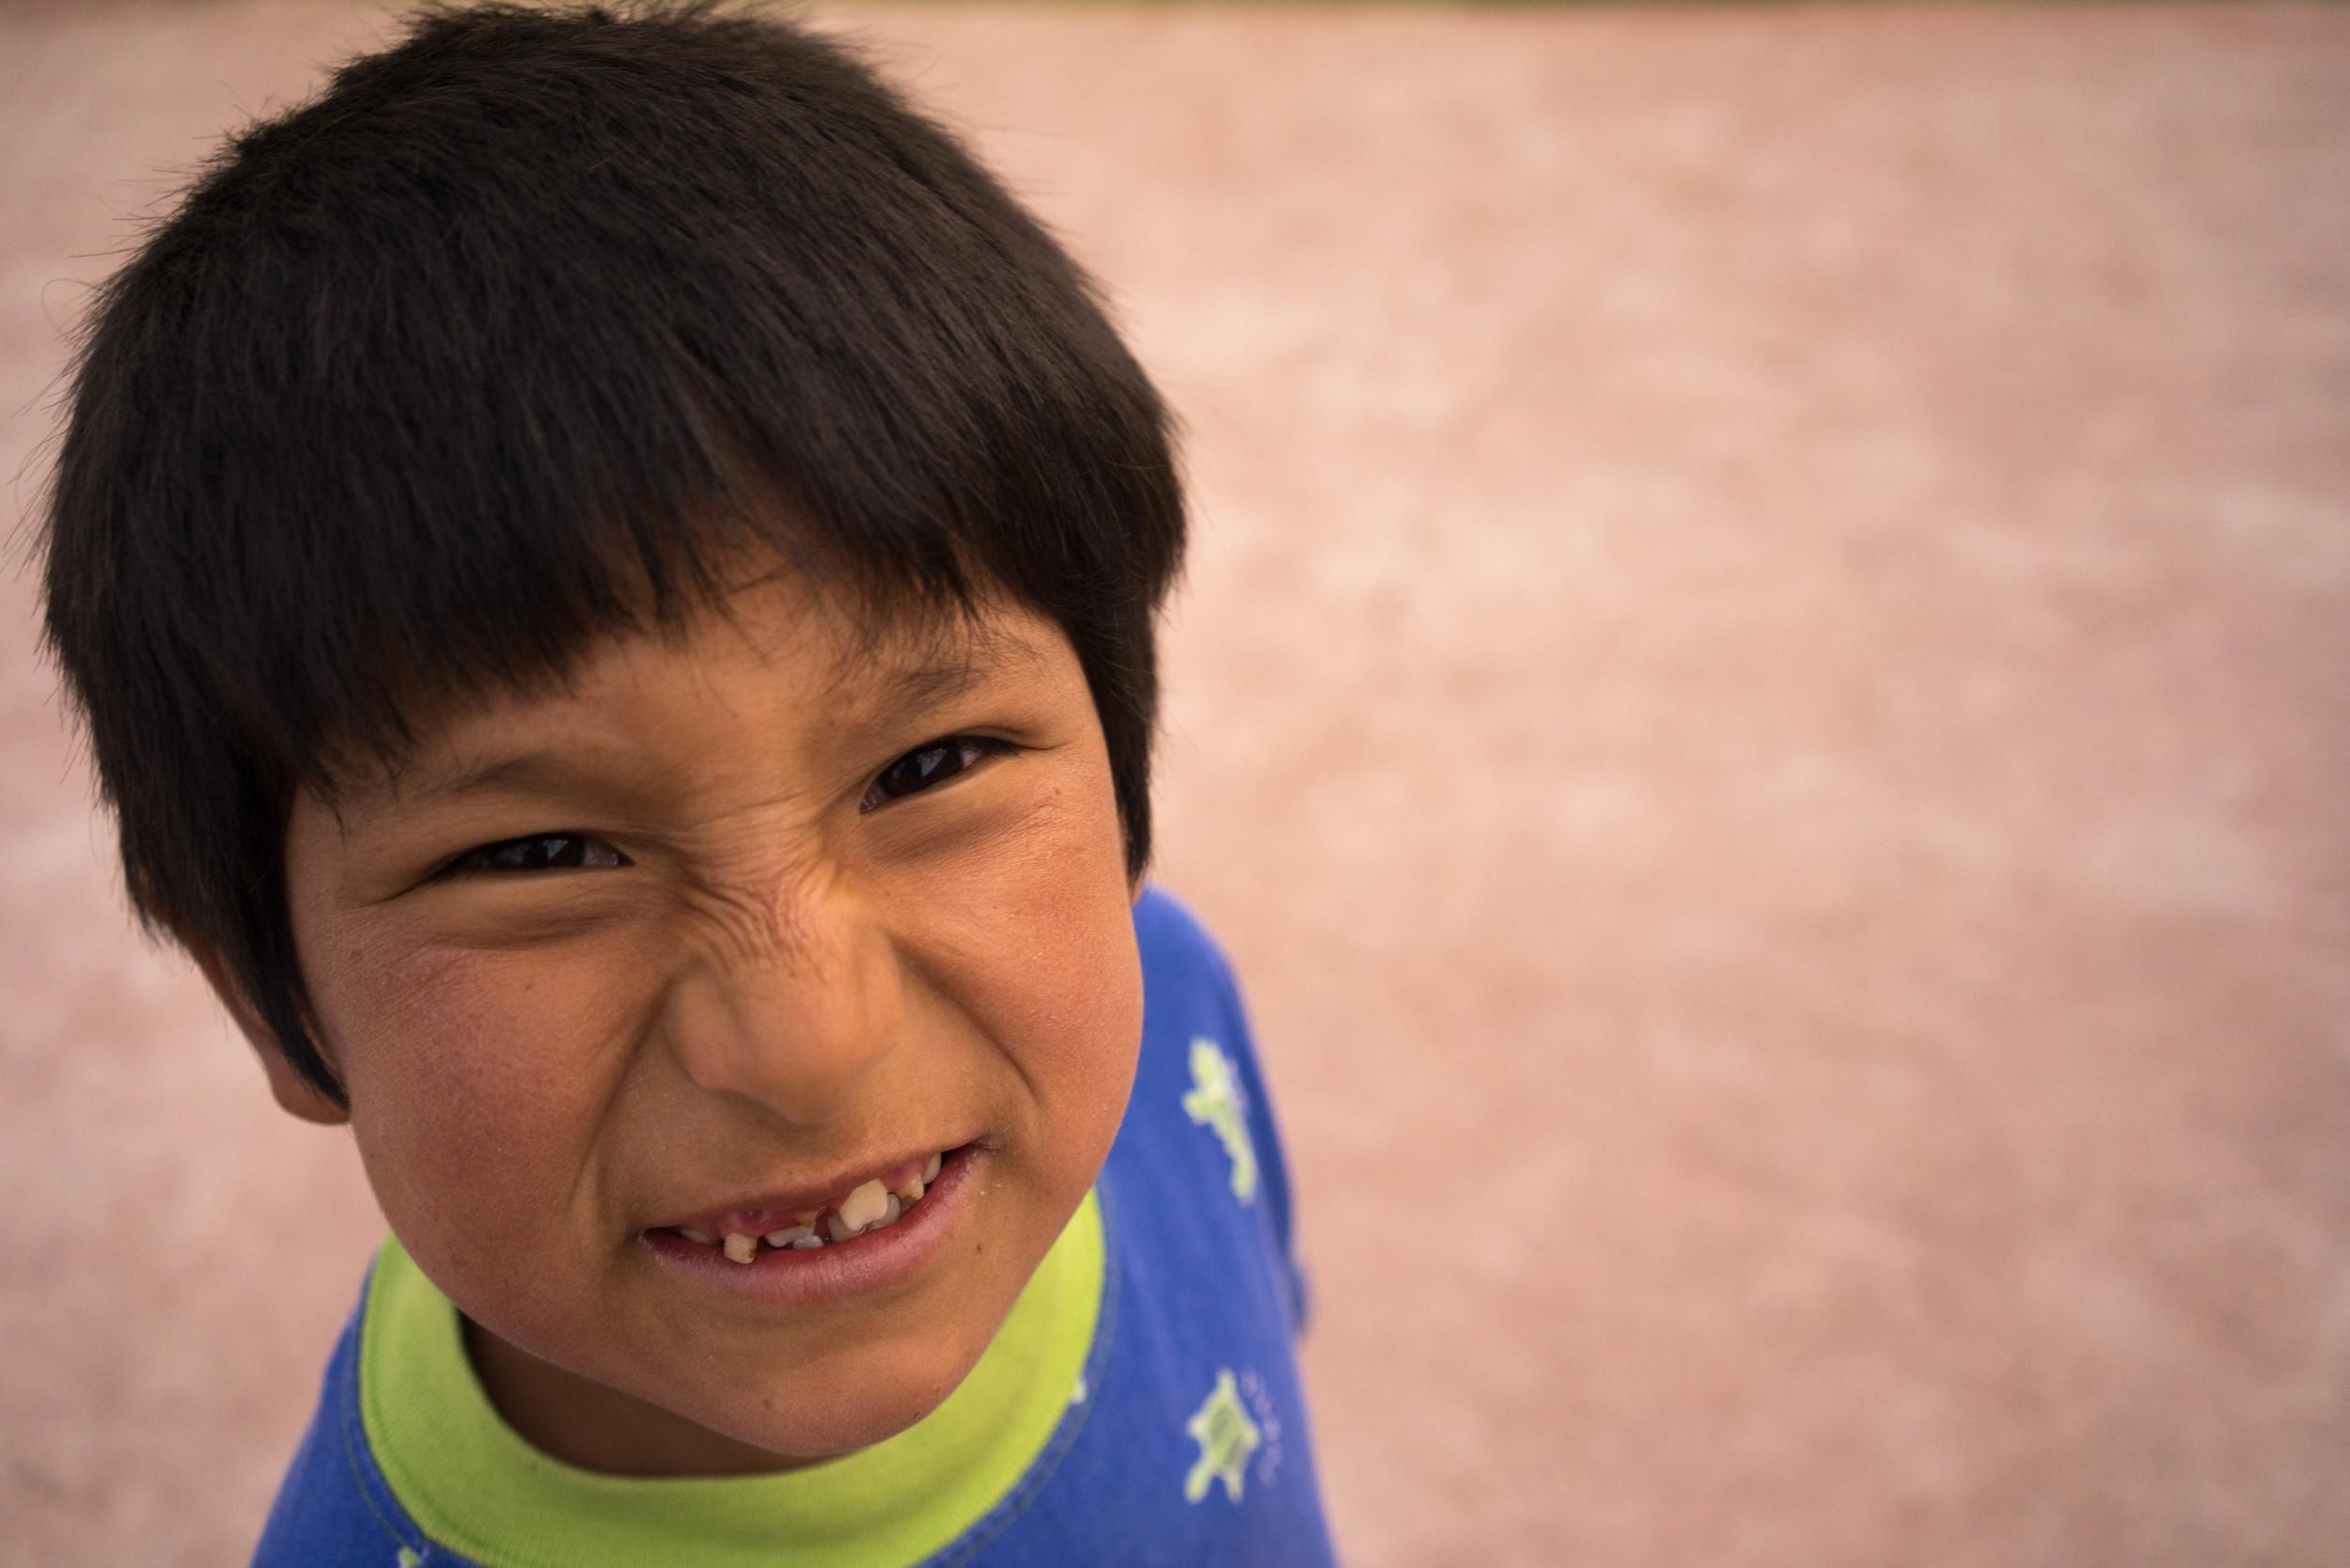 Salome Ferro Juvenile Home. Cusco, Peru. November 2014